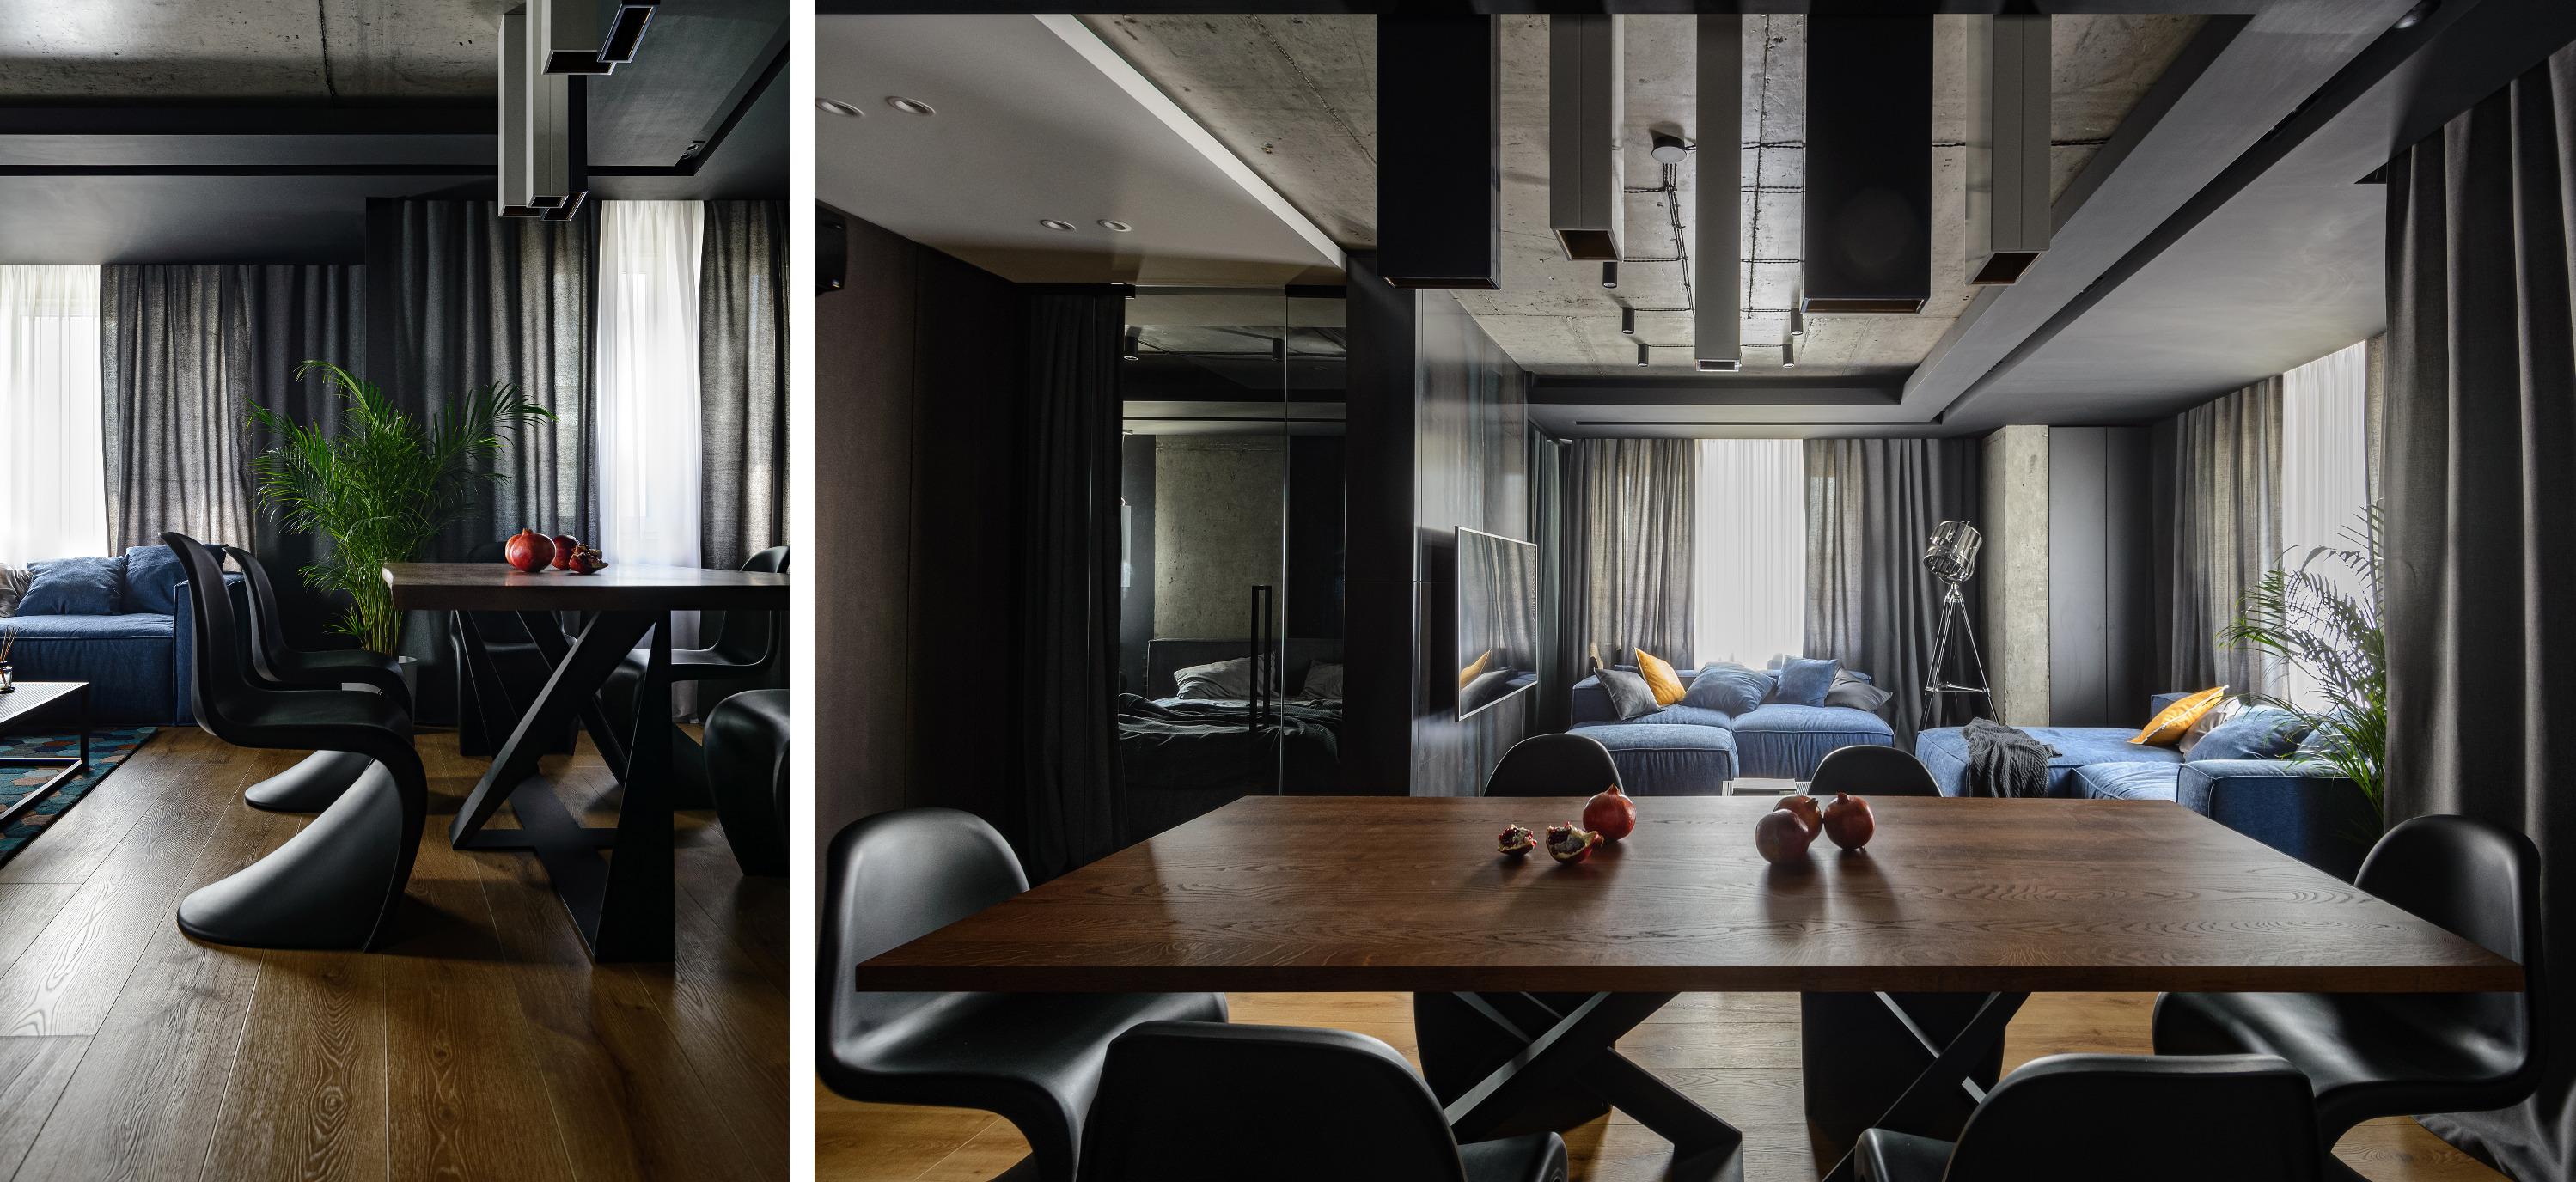 Почти всю мебель для квартиры сделали на заказ по эскизам и чертежам дизайнеров